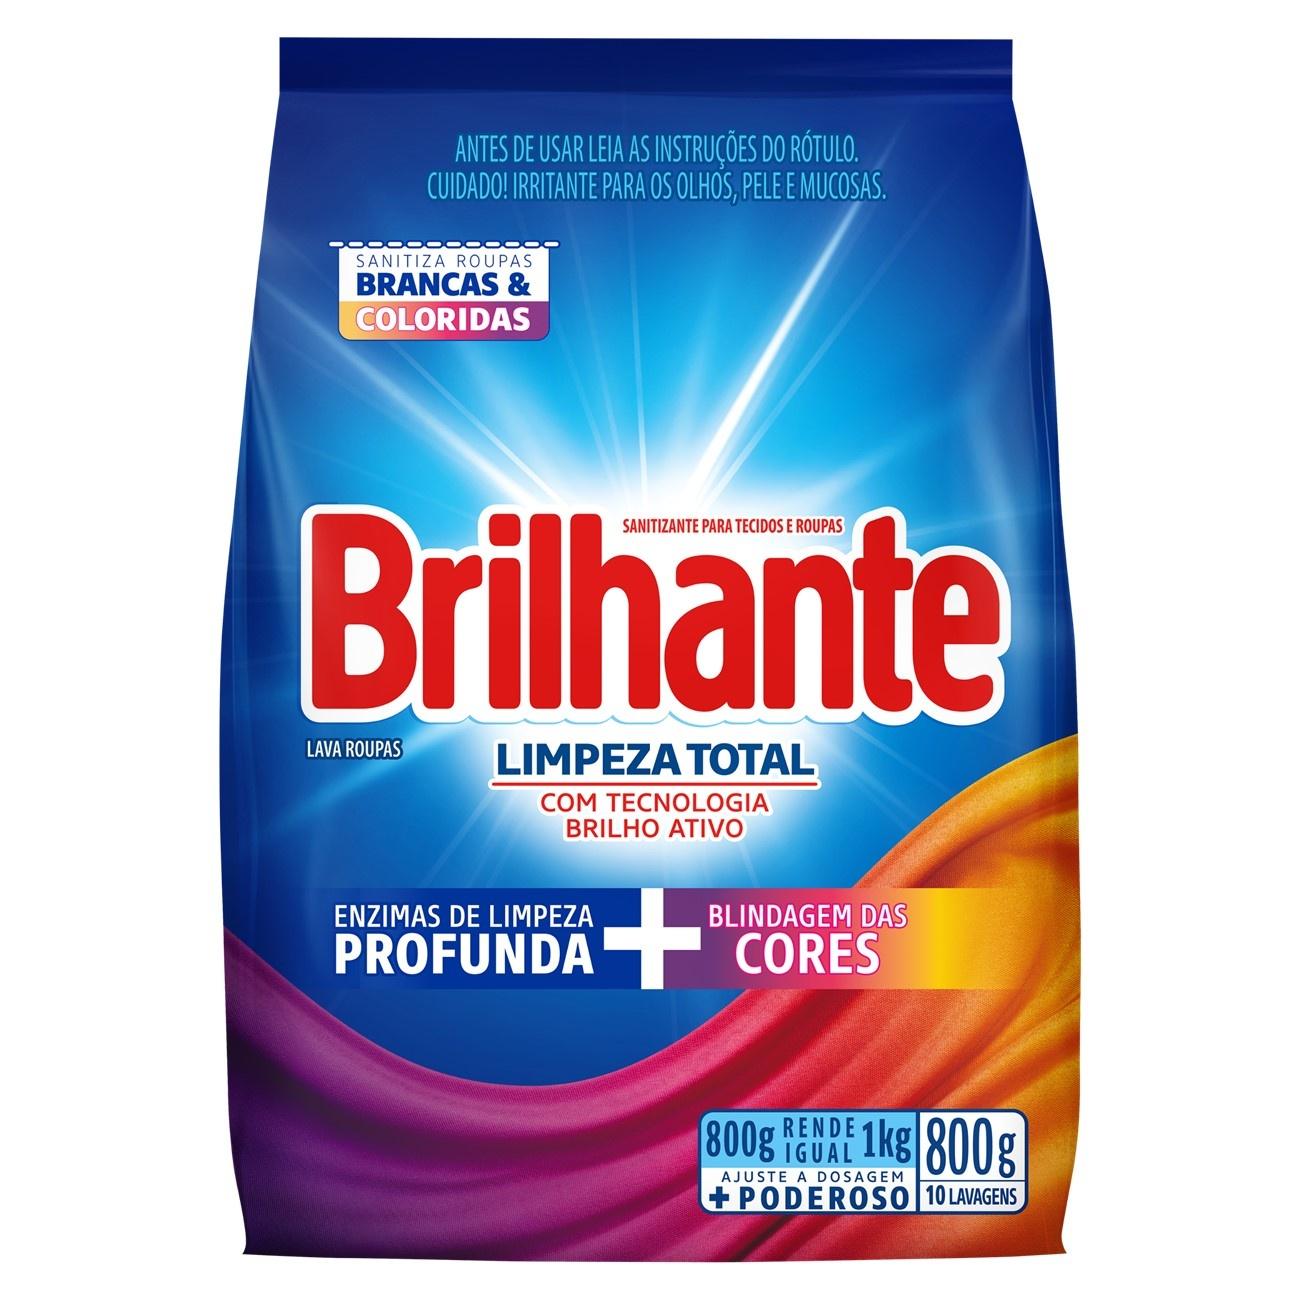 BRILHANTE PO LIMP TOT BRI ATI BAG 800(16